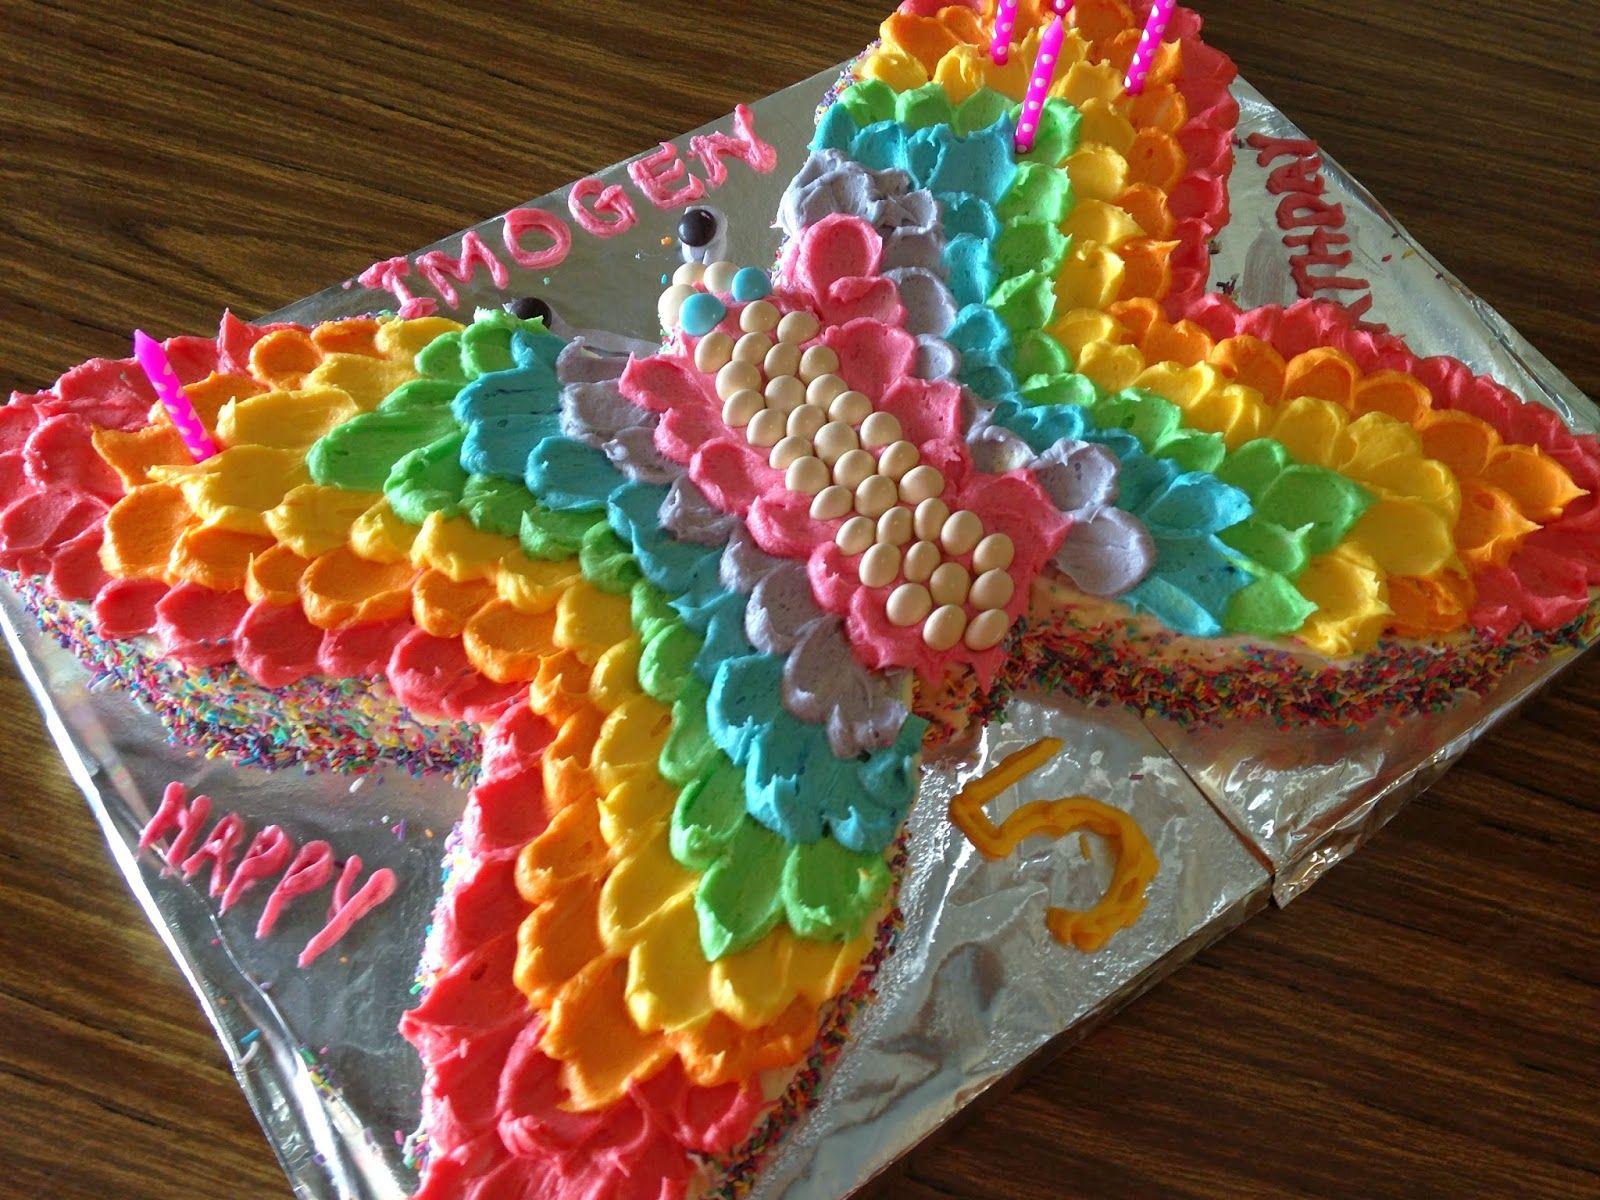 Game Ideas For A Ladies Tea Party - 25 unique butterfly party ideas on pinterest butterfly party decorations butterfly birthday party and butterfly baby shower